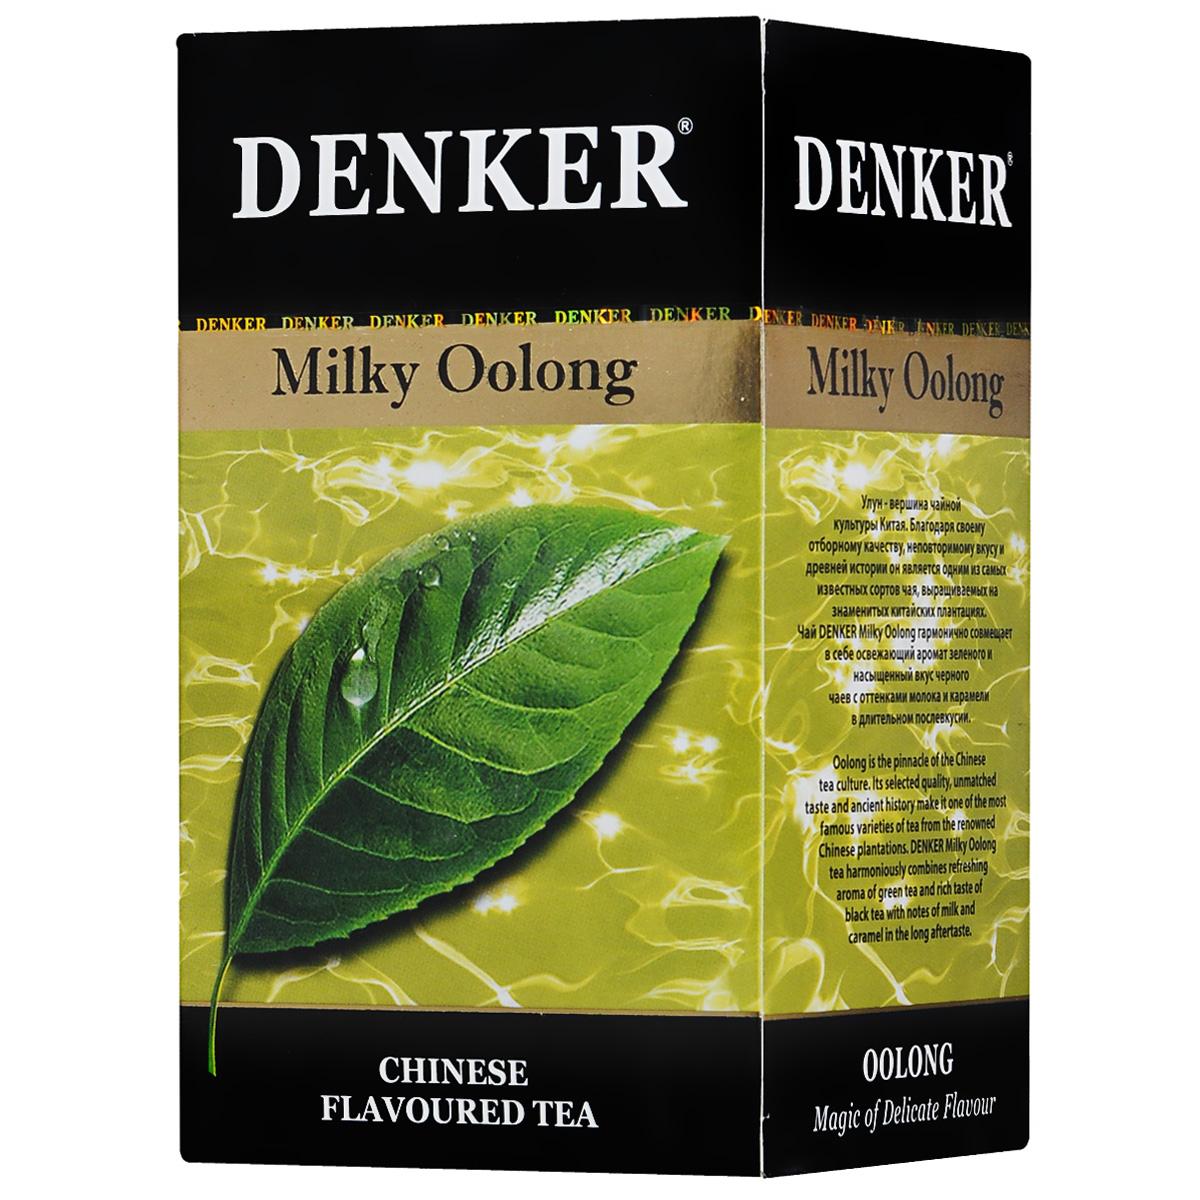 Denker Milky Oolong зеленый ароматизированный чай в пакетиках, 20 шт картаев павел в яндекс маркет добавили возможность оплаты товаров картой